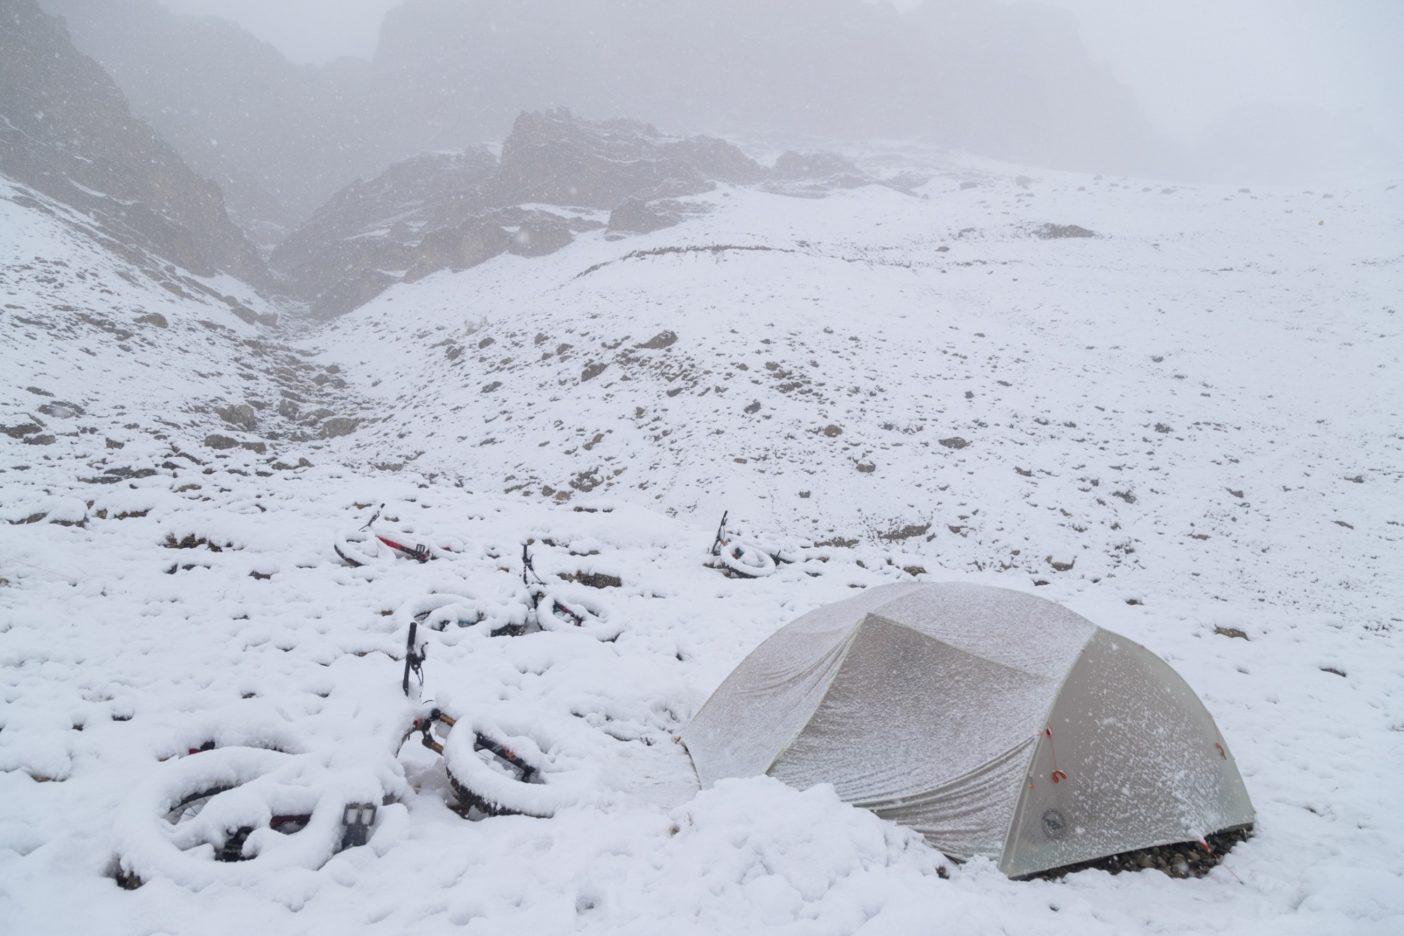 当初の計画では、降車地に正午過ぎに到着し、その日のうちに少し走って数マイルを稼ぎ、よい野営地を見つける時間的な余裕があるはずだった。しかし、吹雪のため数時間余計にドライブすることになり、到着した頃はもう暗くなりかけていた。数インチ積もった雪で山道はほとんど見えず、結局、道路から90メートルほど離れた15度の斜面にテントを張った。その後12時間にわたり60センチ以上の雪が降り、私たちは数時間おきに起き(寝ている間に押しつぶされないように)テントに積もった雪を蹴散らさねばならなかった。この最初の夜の状況は次の日も続き、私たちはうずくまり天候回復を待った。外で吹き荒れる高山の嵐を避けられるなら、頼りない防具もありがたかった。写真 : メアリー・マッキンタイア